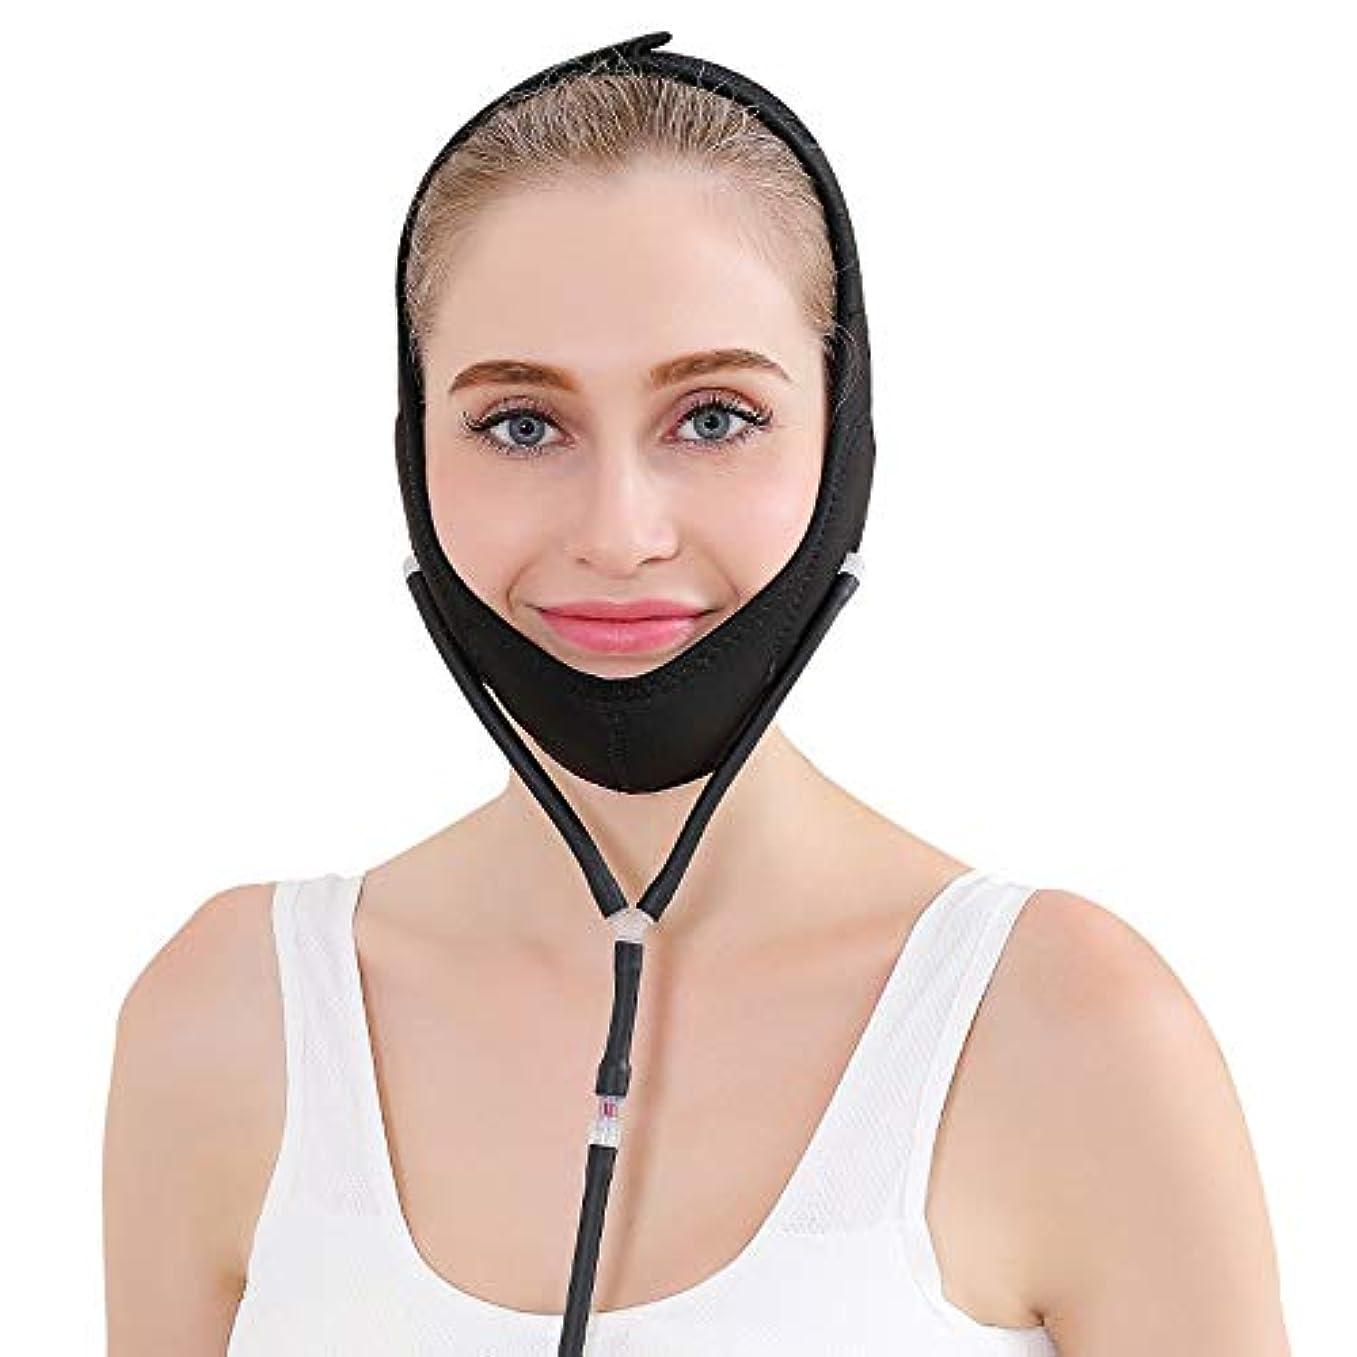 等々いたずら大事にするYOE(ヨイ) エアー 顔やせ マスク 小顔 ほうれい線 空気入れ エアーポンプ 顔のエクササイズ フェイスリフト レディース (フリーサイズ, ブラック)